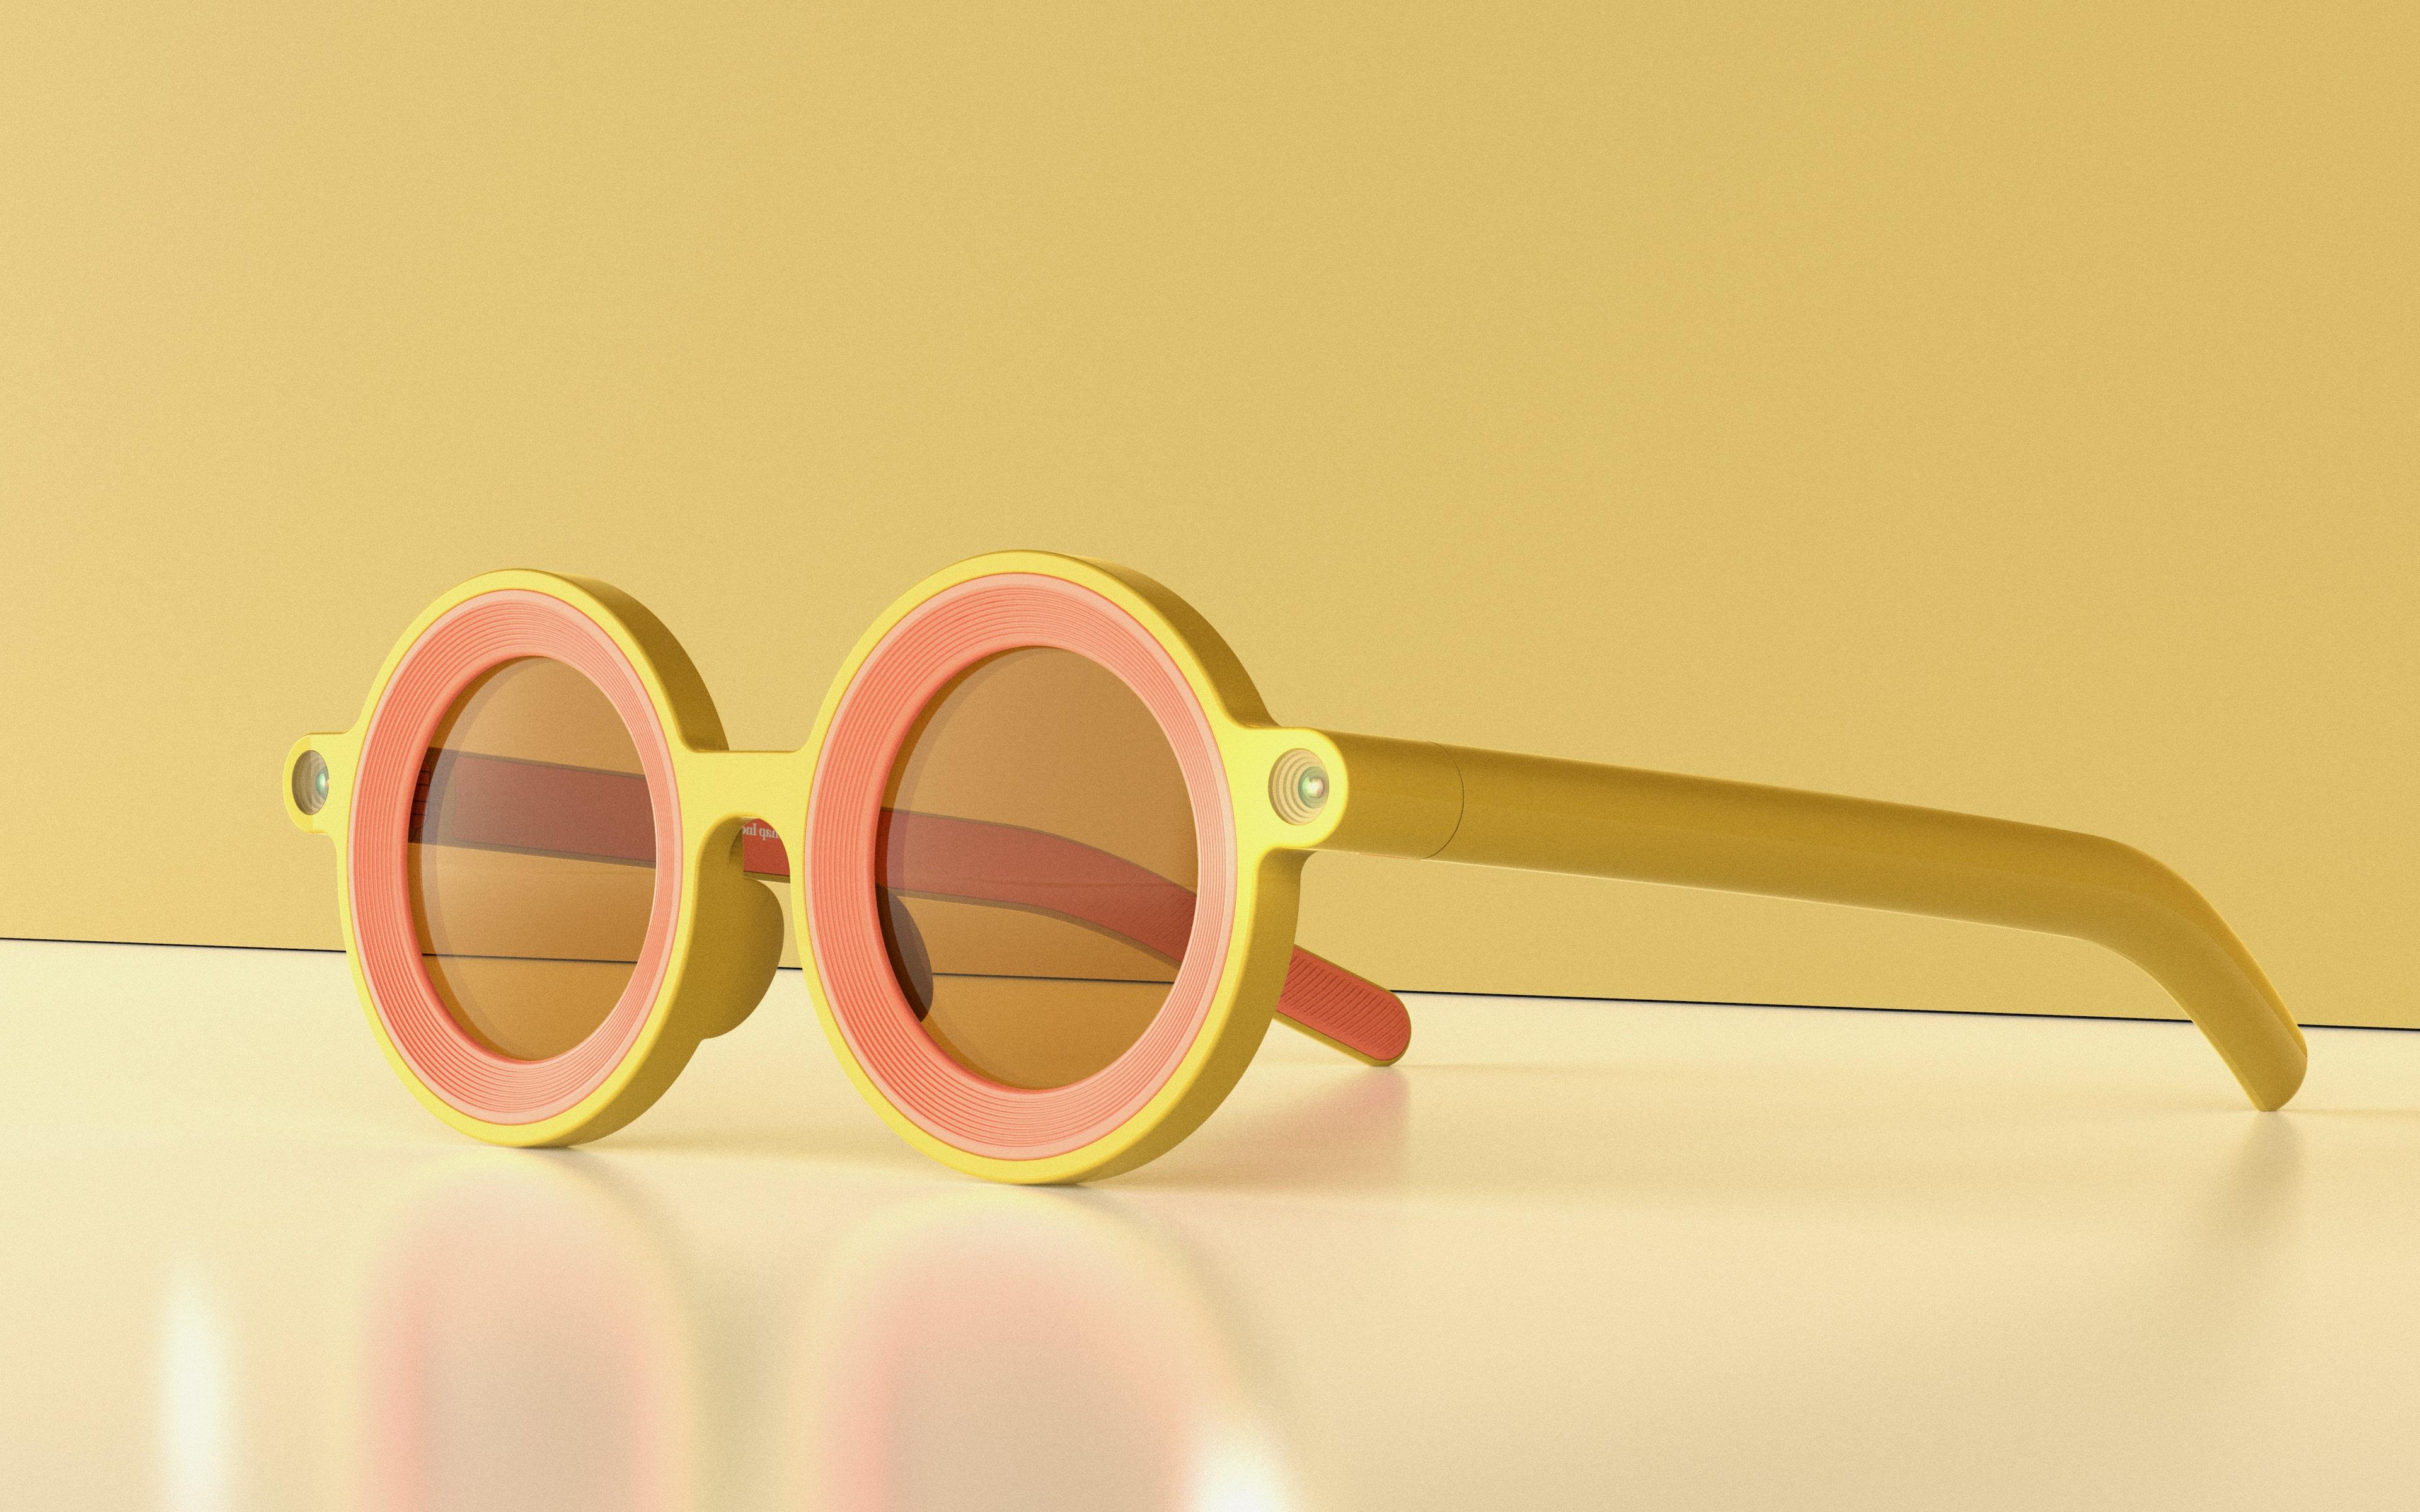 Snapchat-Glasses-26-min